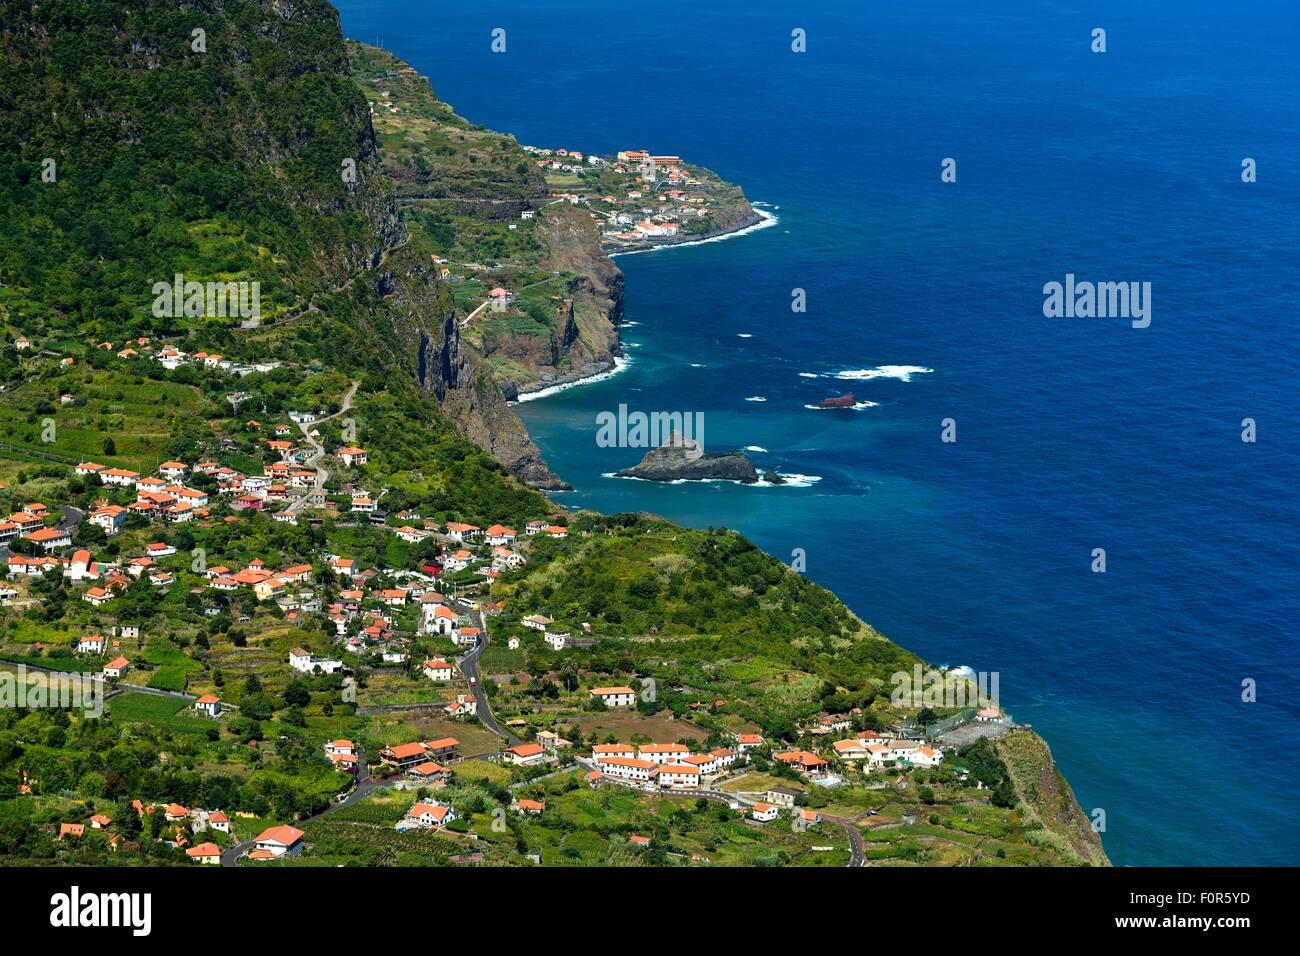 Costa nord con il villaggio di Arco de Sao Jorge, Madeira, Portogallo Immagini Stock